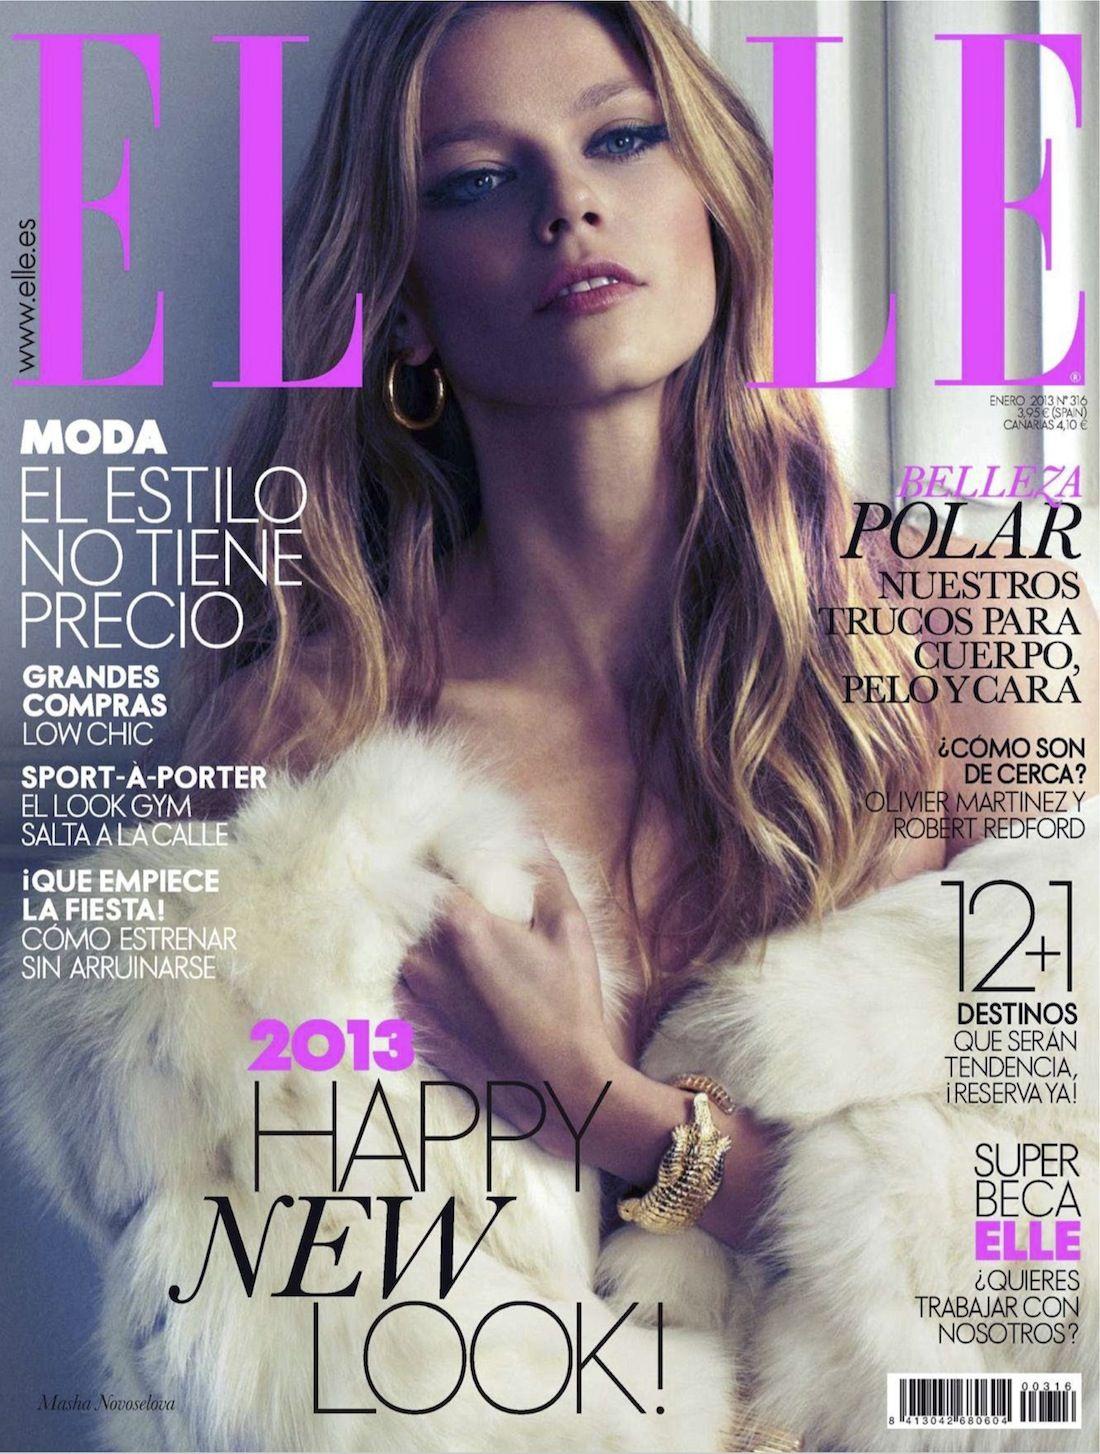 Masha-Novoselova-Xavi-Gordo-Elle-Spain-January-2013-1